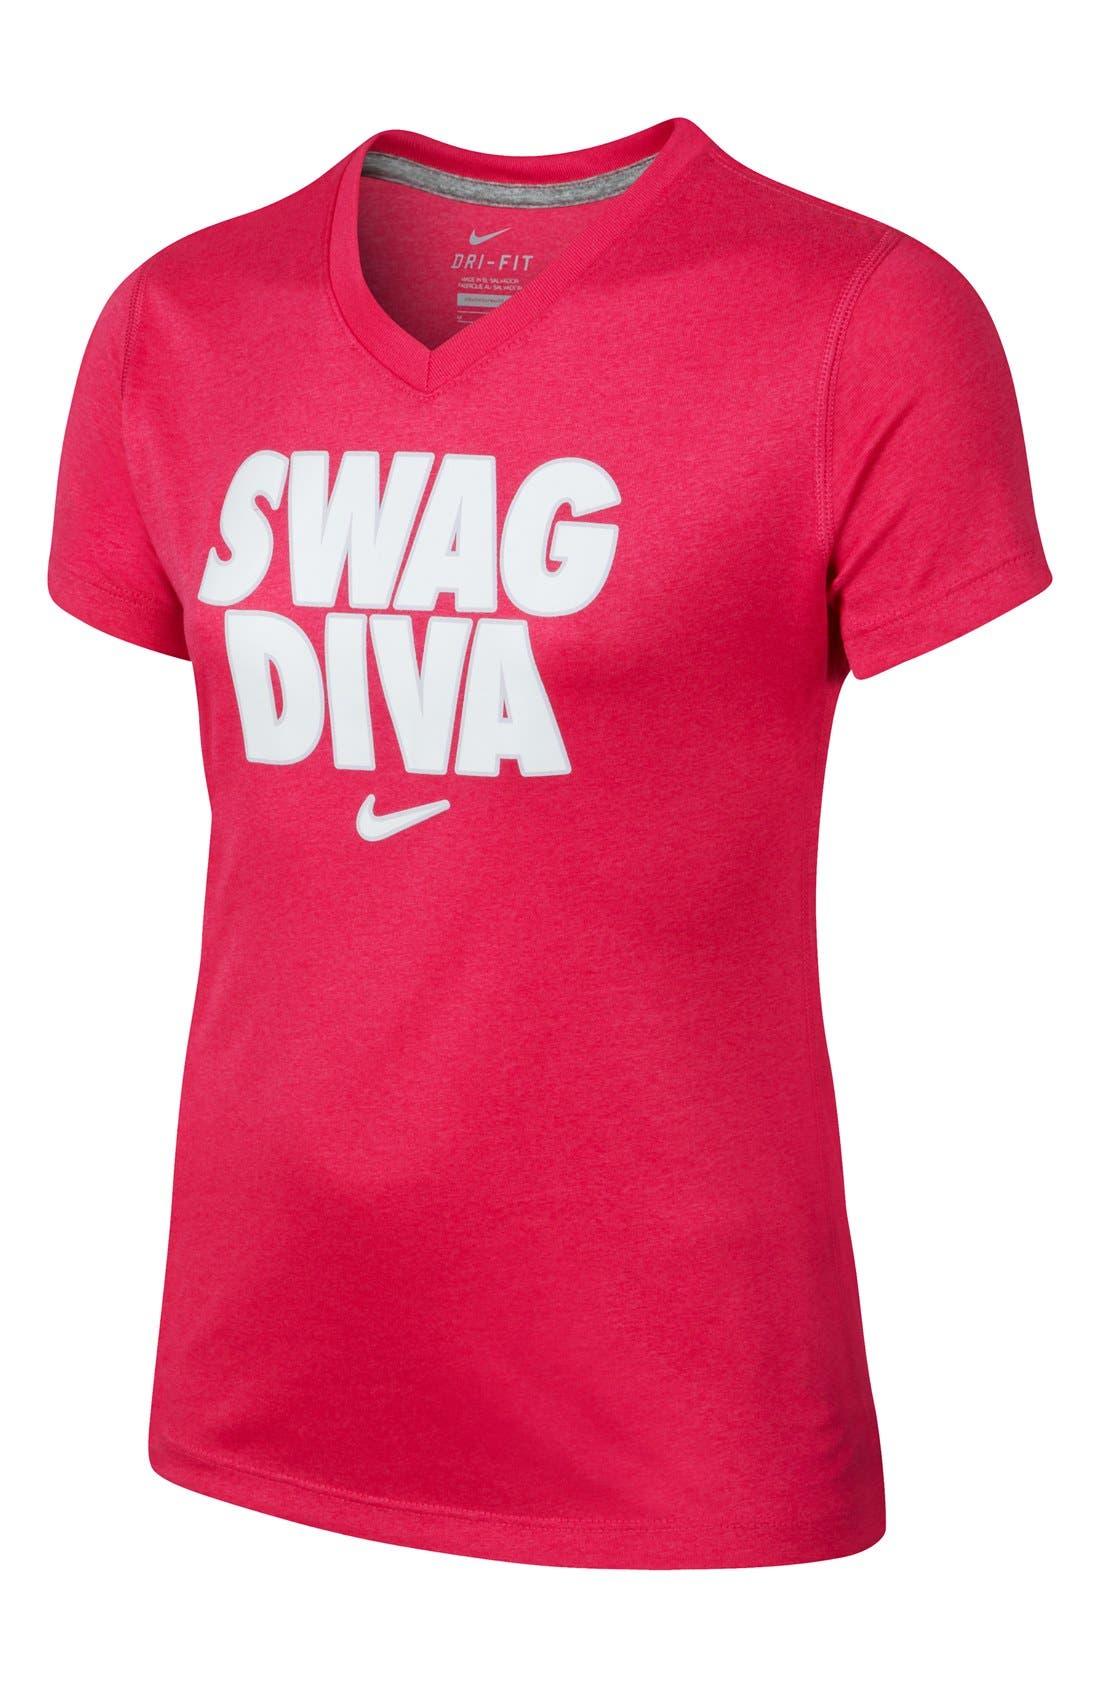 Main Image - Nike 'Swag Diva' Dri-FIT Top (Big Girls)